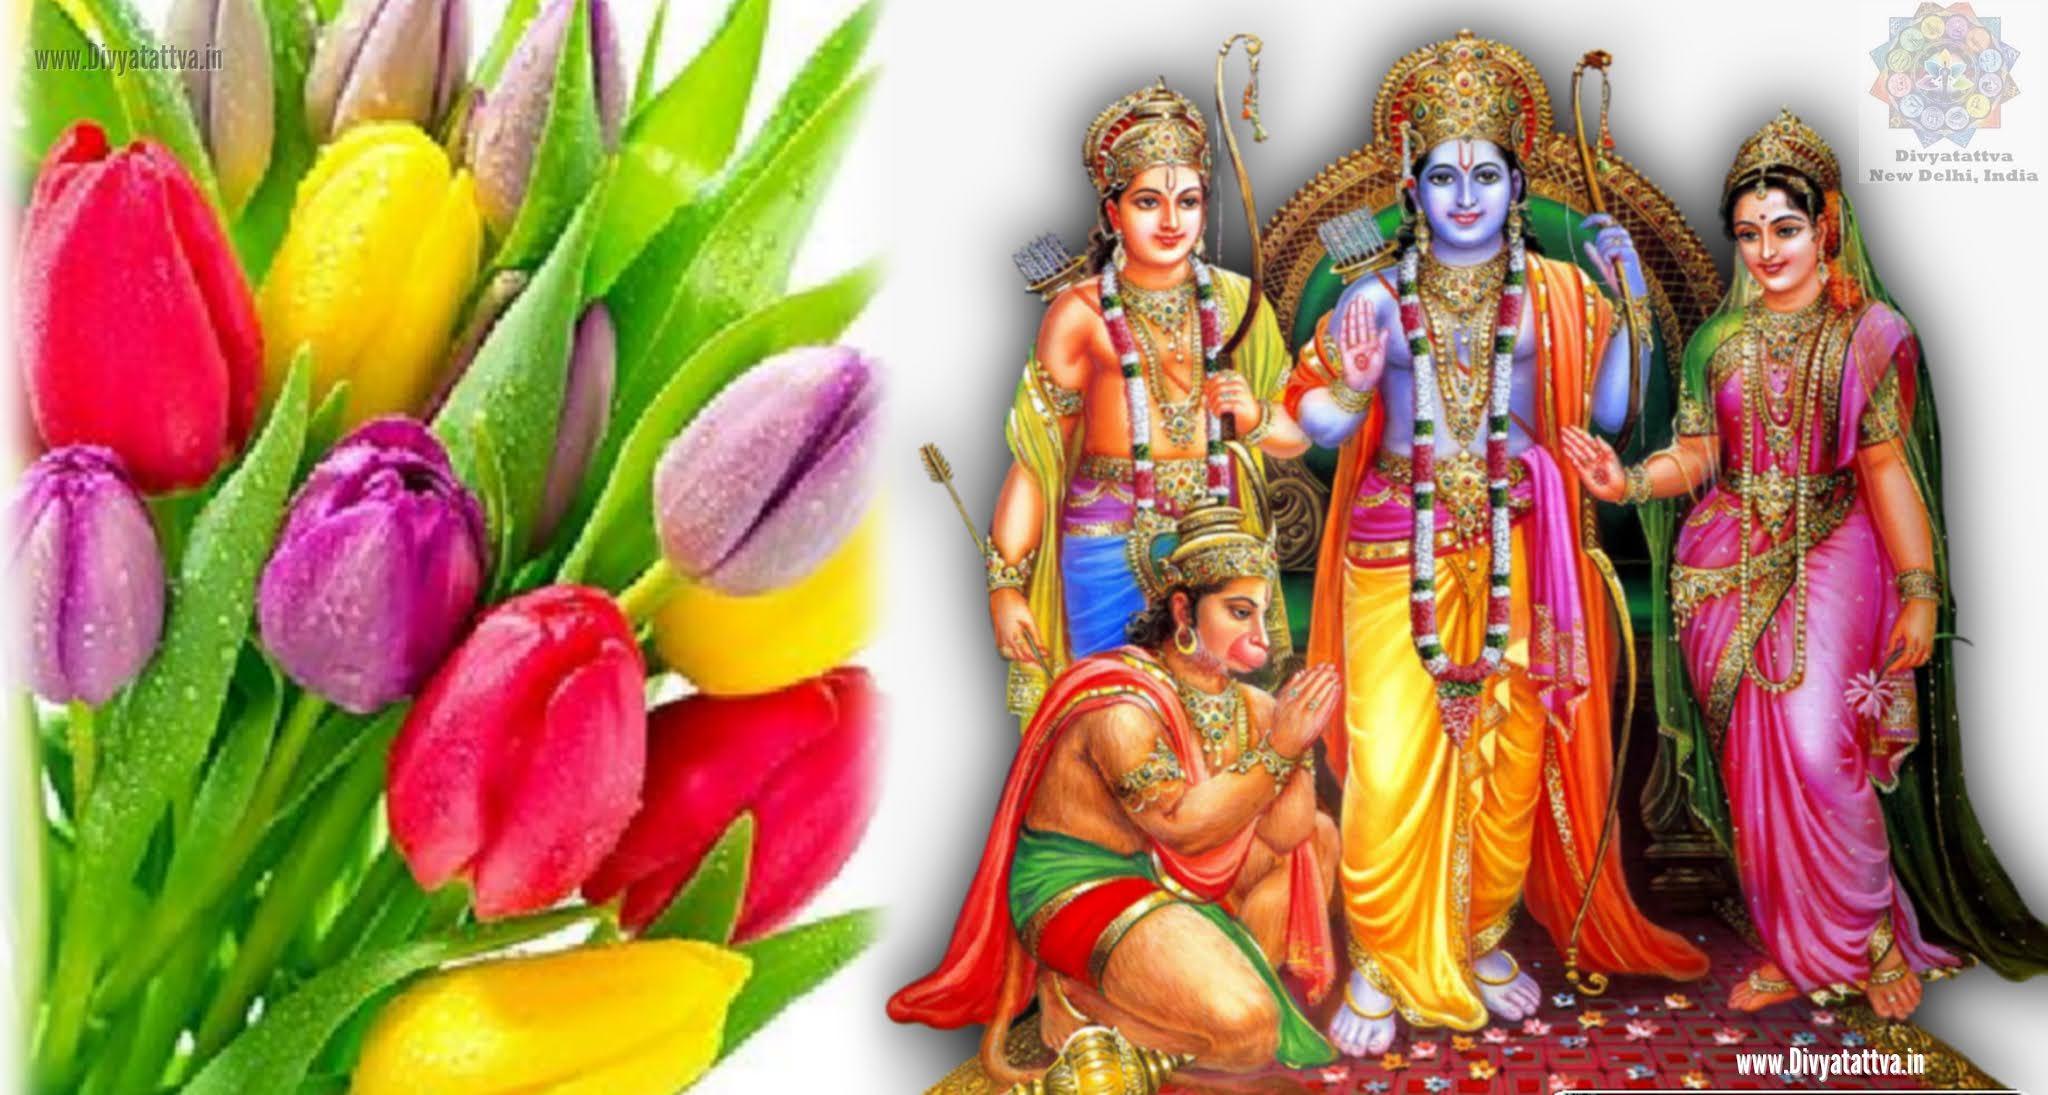 Rama Sita Wallpaper 4K HD, Hindu Gods, Rama Sita Hanuman Images, Ram Bhagwan jai shree ram images  sri rama navami pictures, shri ram photos, lakshman